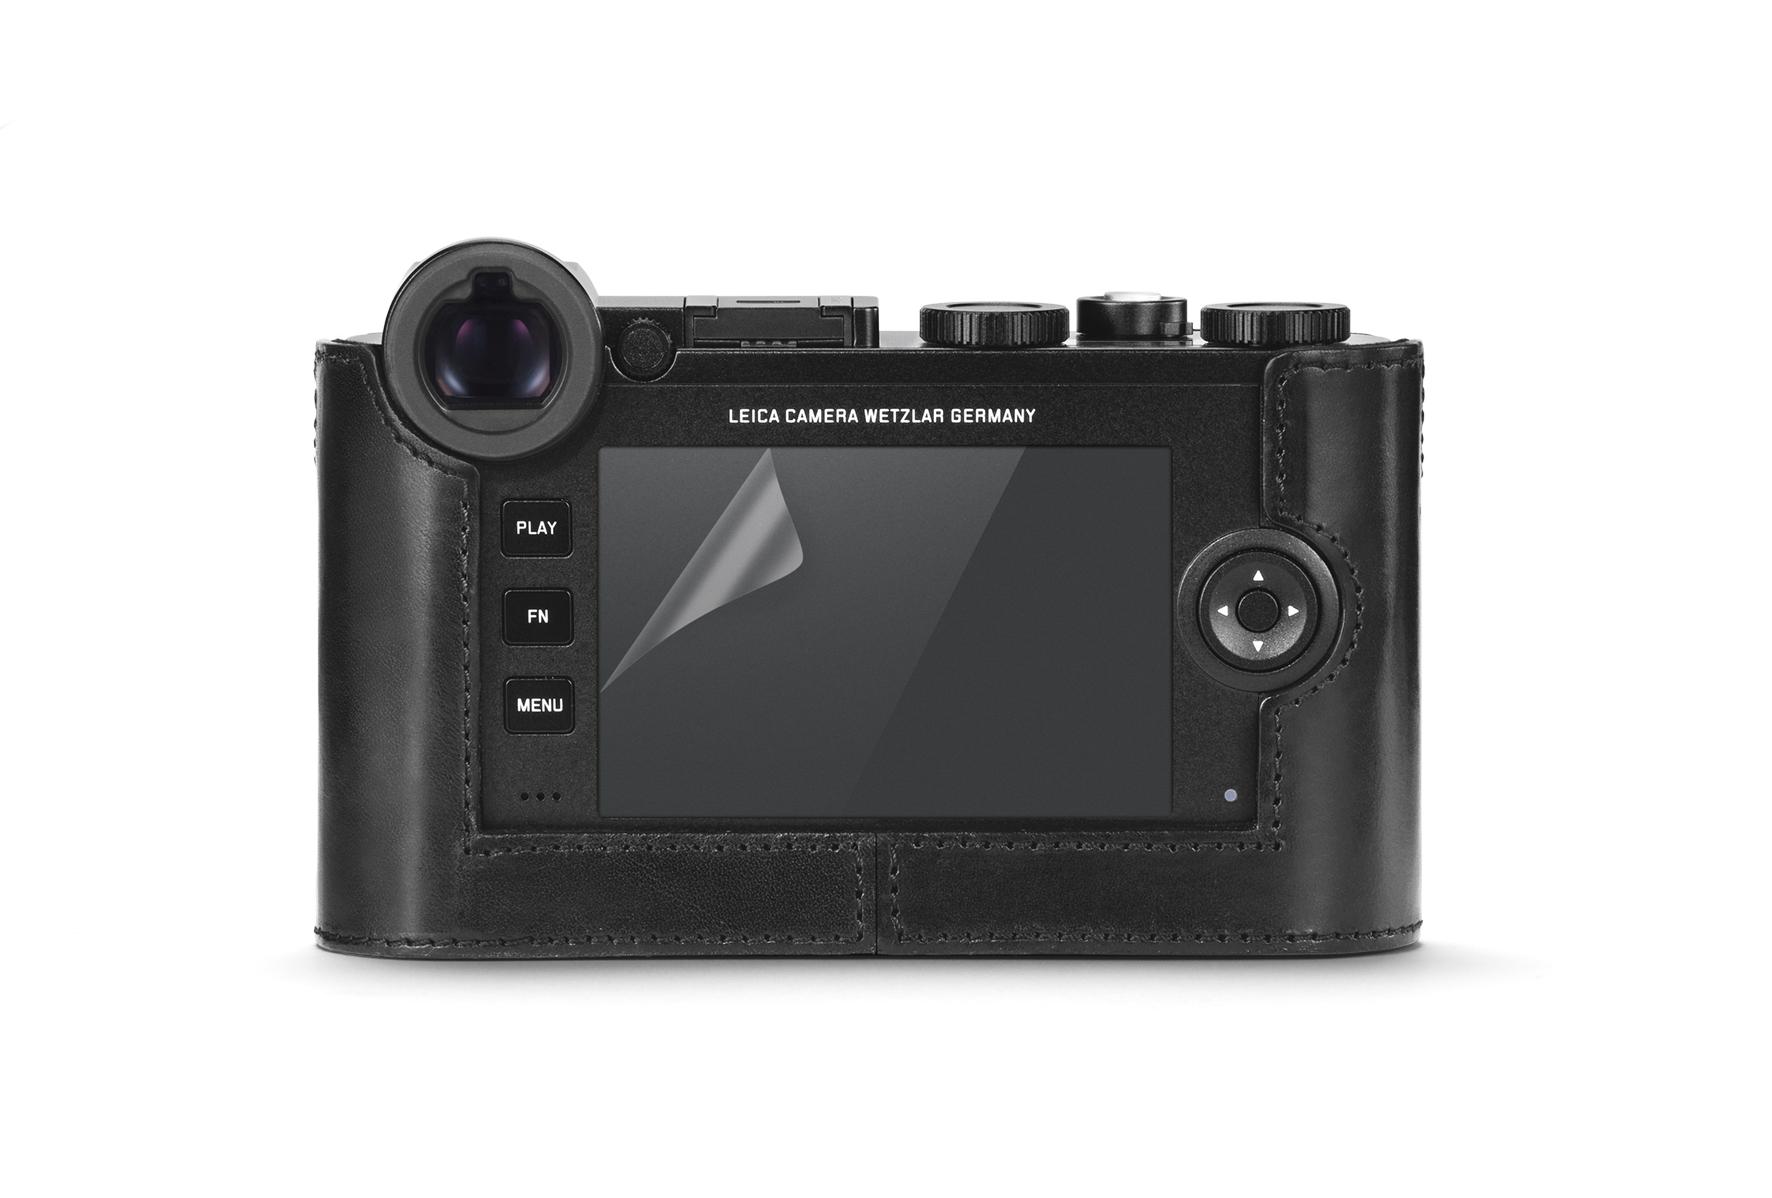 Leica Iii Entfernungsmesser : Leica archive seite von klassische kameras ankauf und